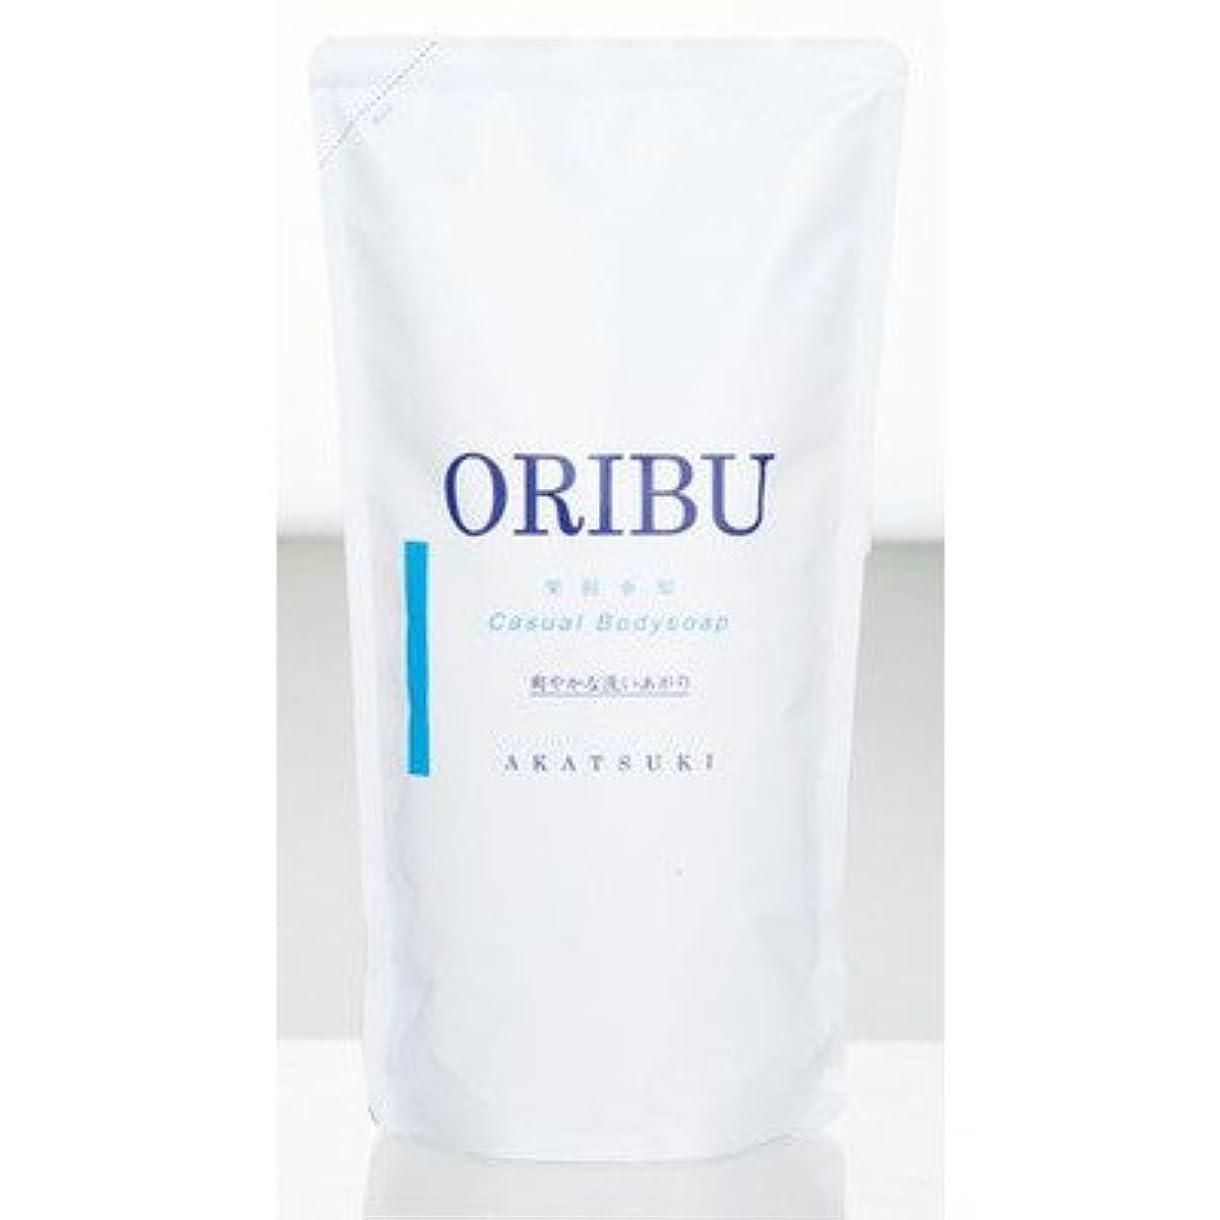 暁石鹸 ORIBU オリブ 果樹亜瑠 カジュアル ボディソープ 詰替用 700ml